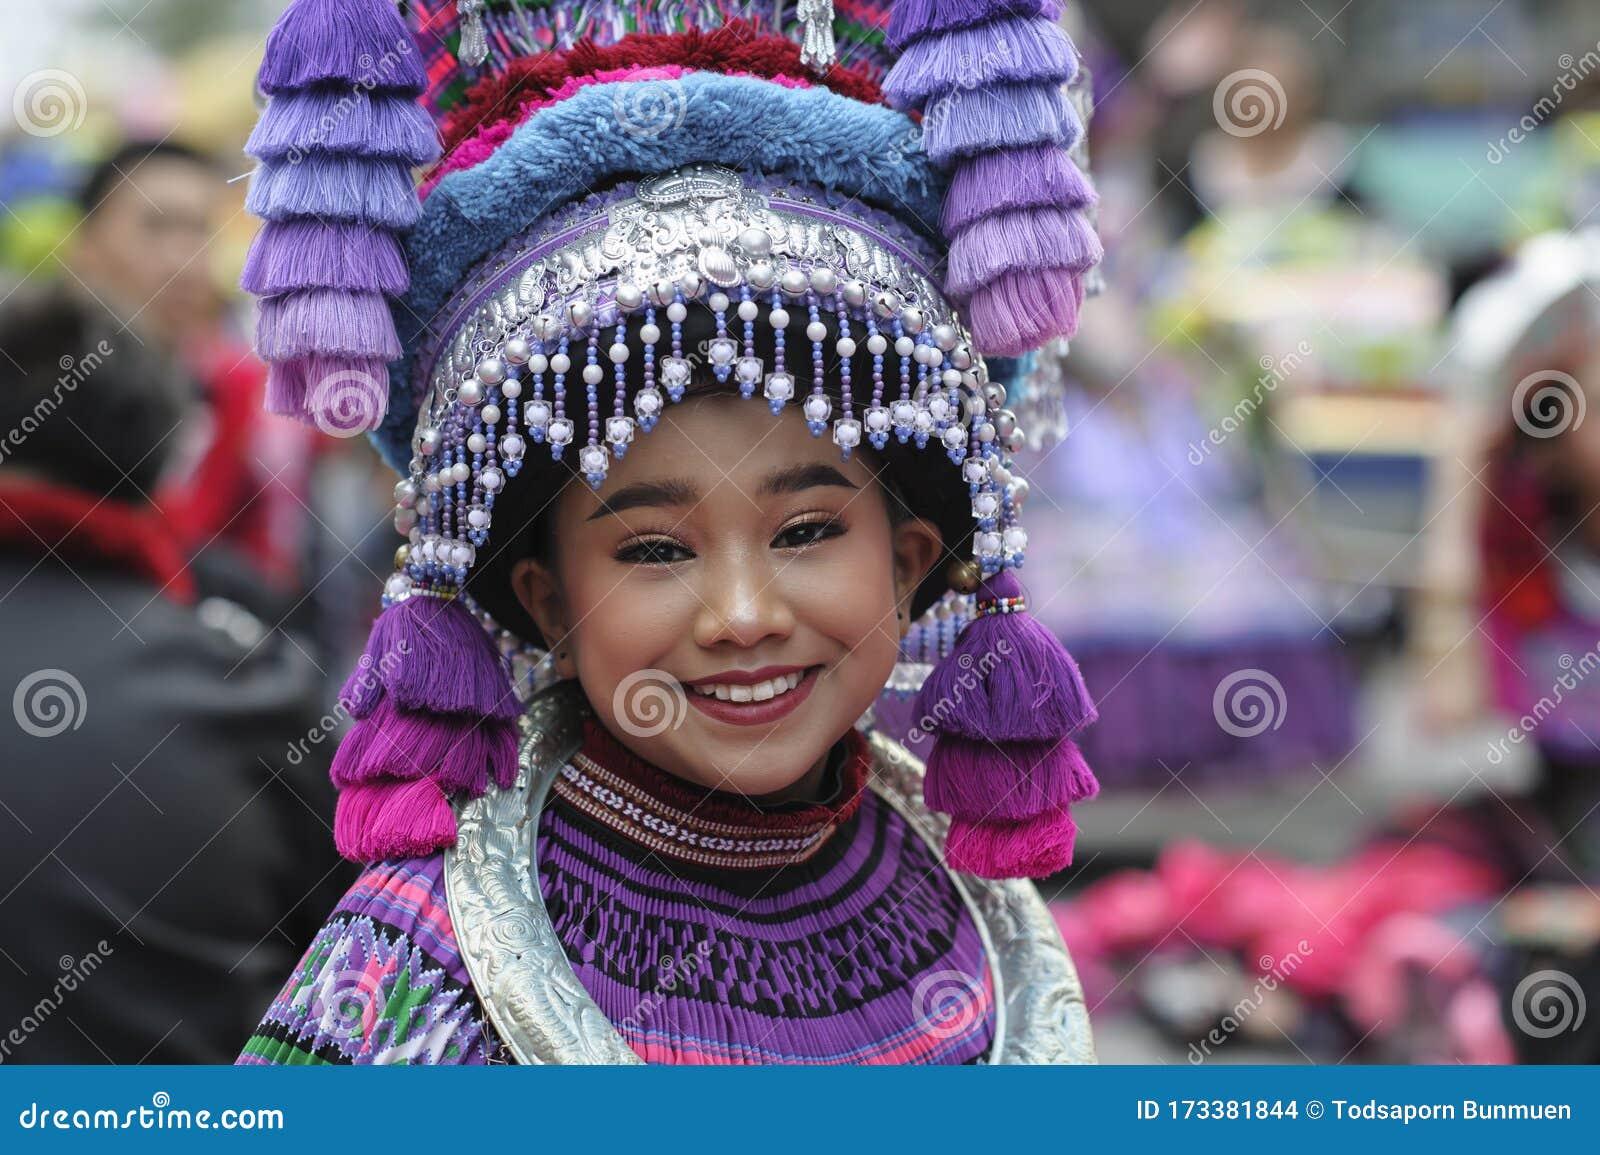 CHIANG MAI, THAILAND - FEBRUARY 08, 2020: Traditionally